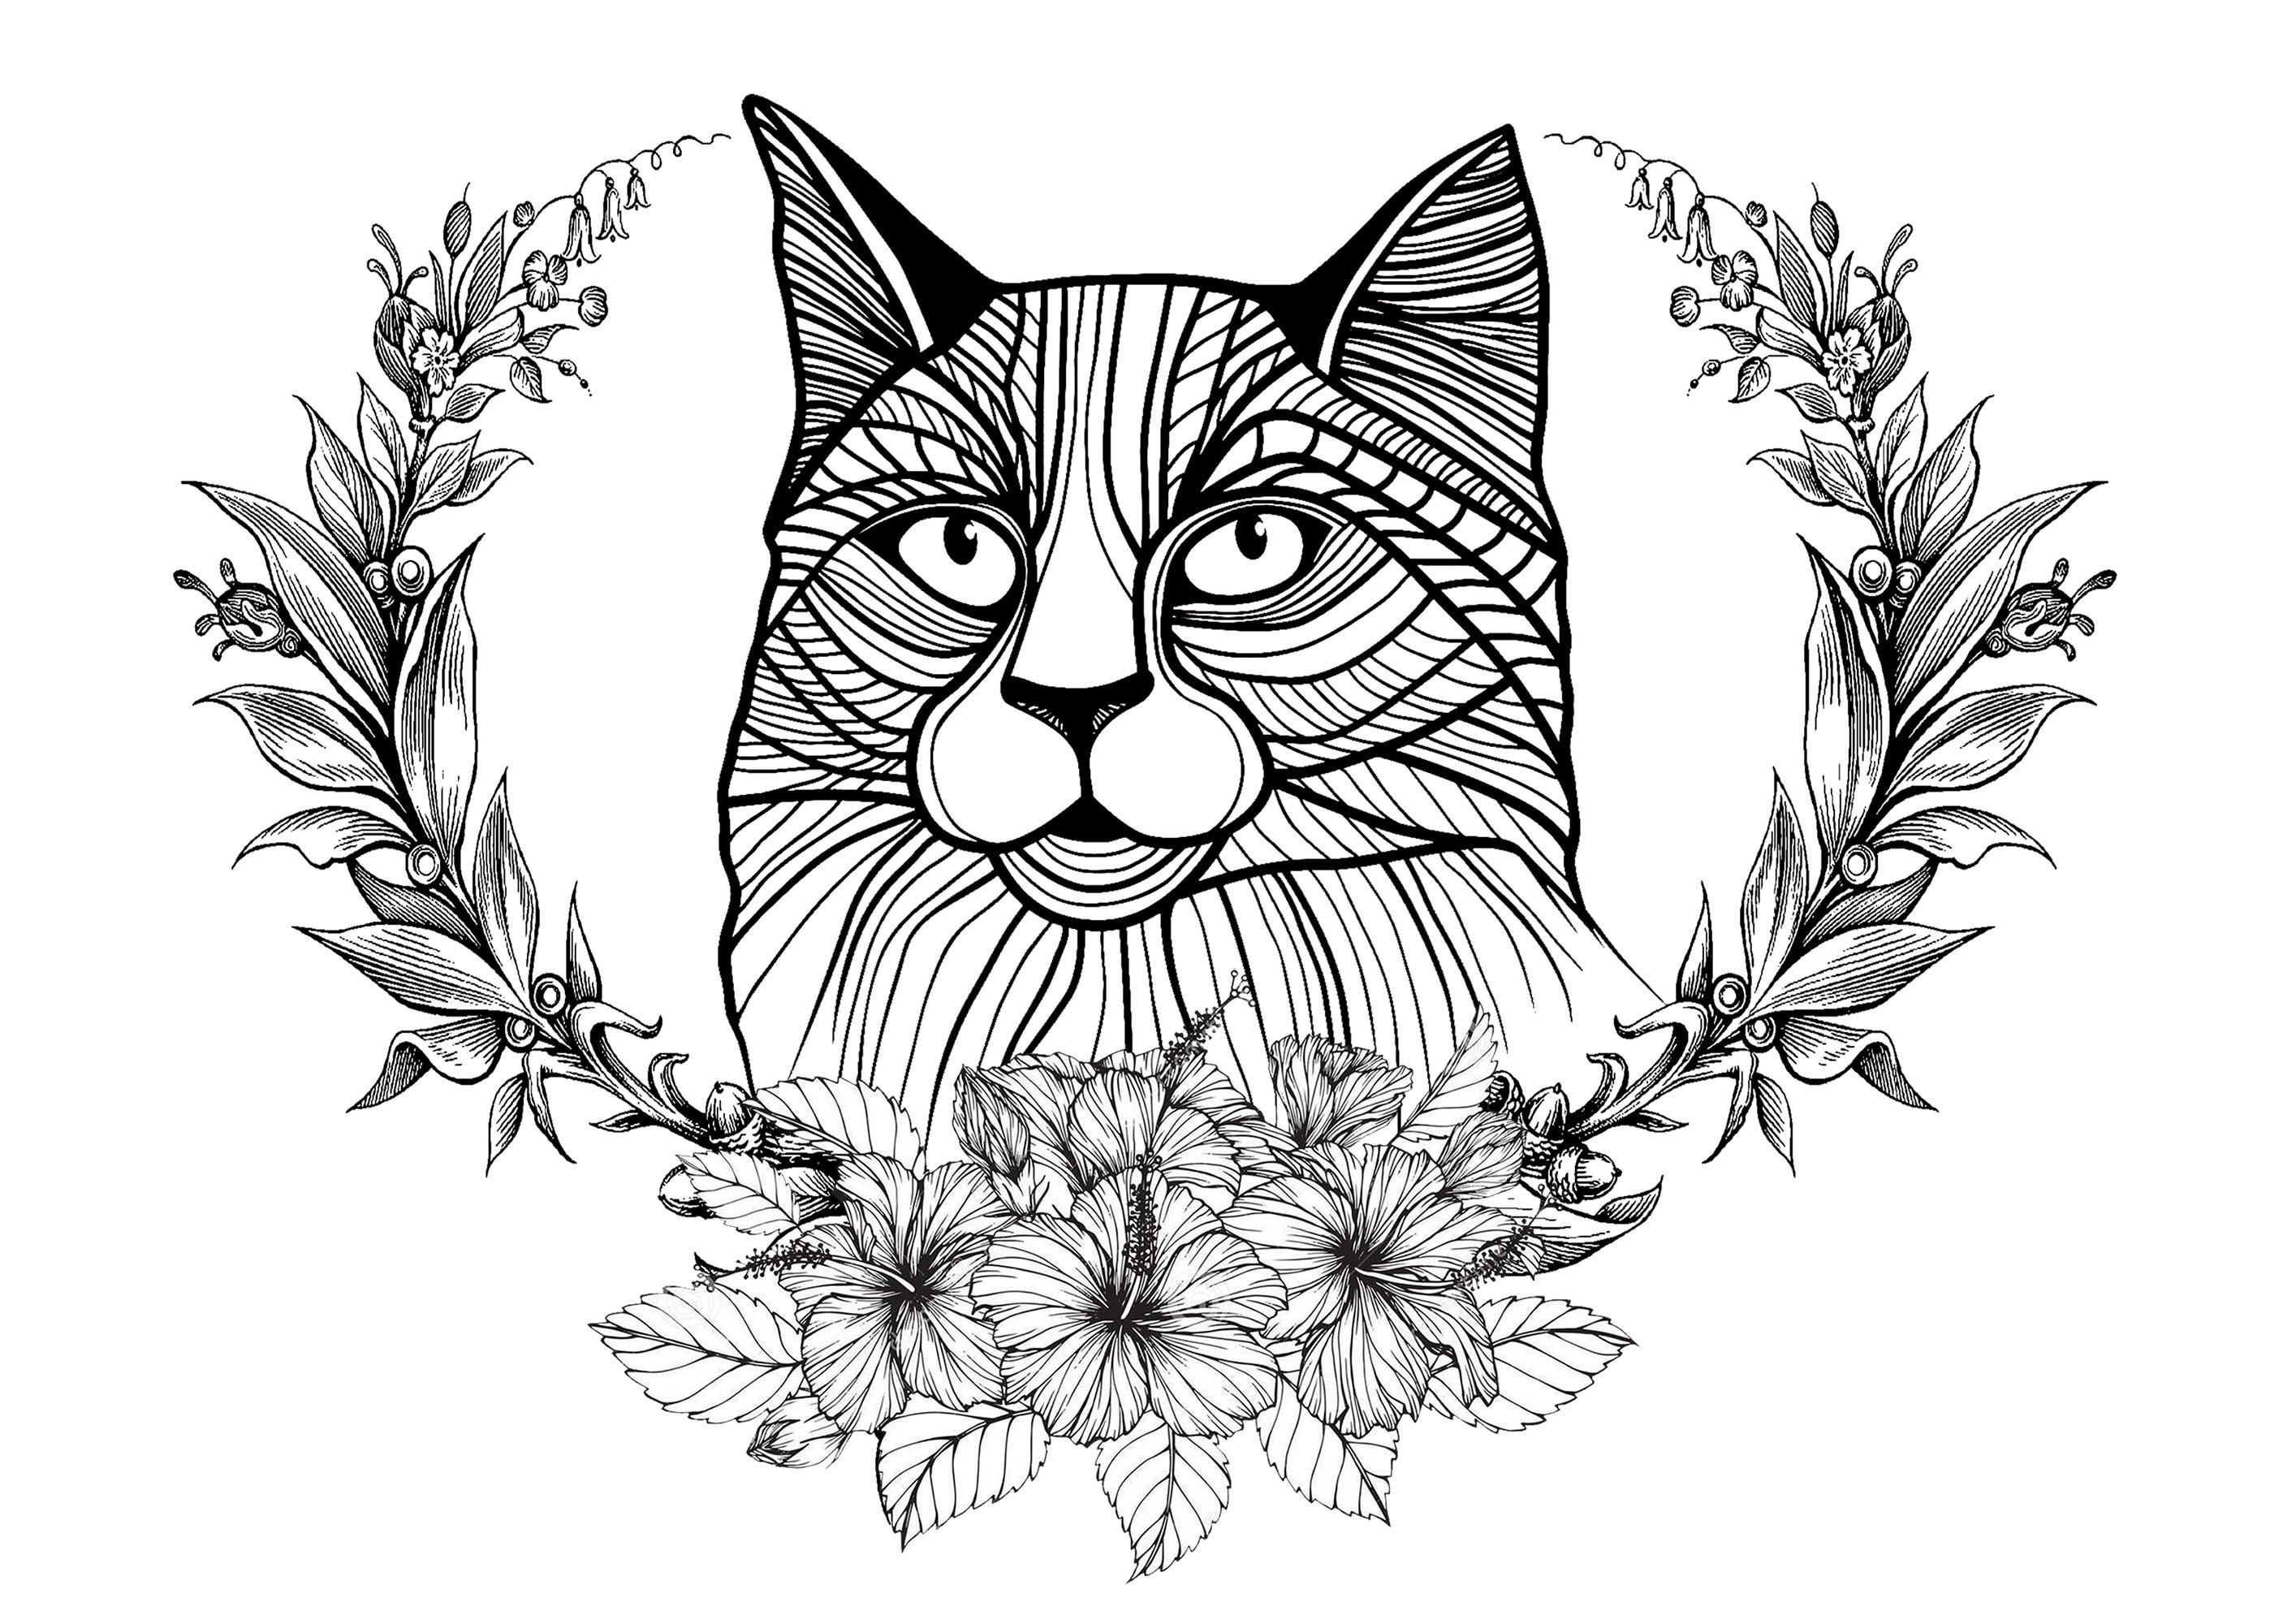 Ce chat semble si sage avec sa couronne de laurier autour de lui !